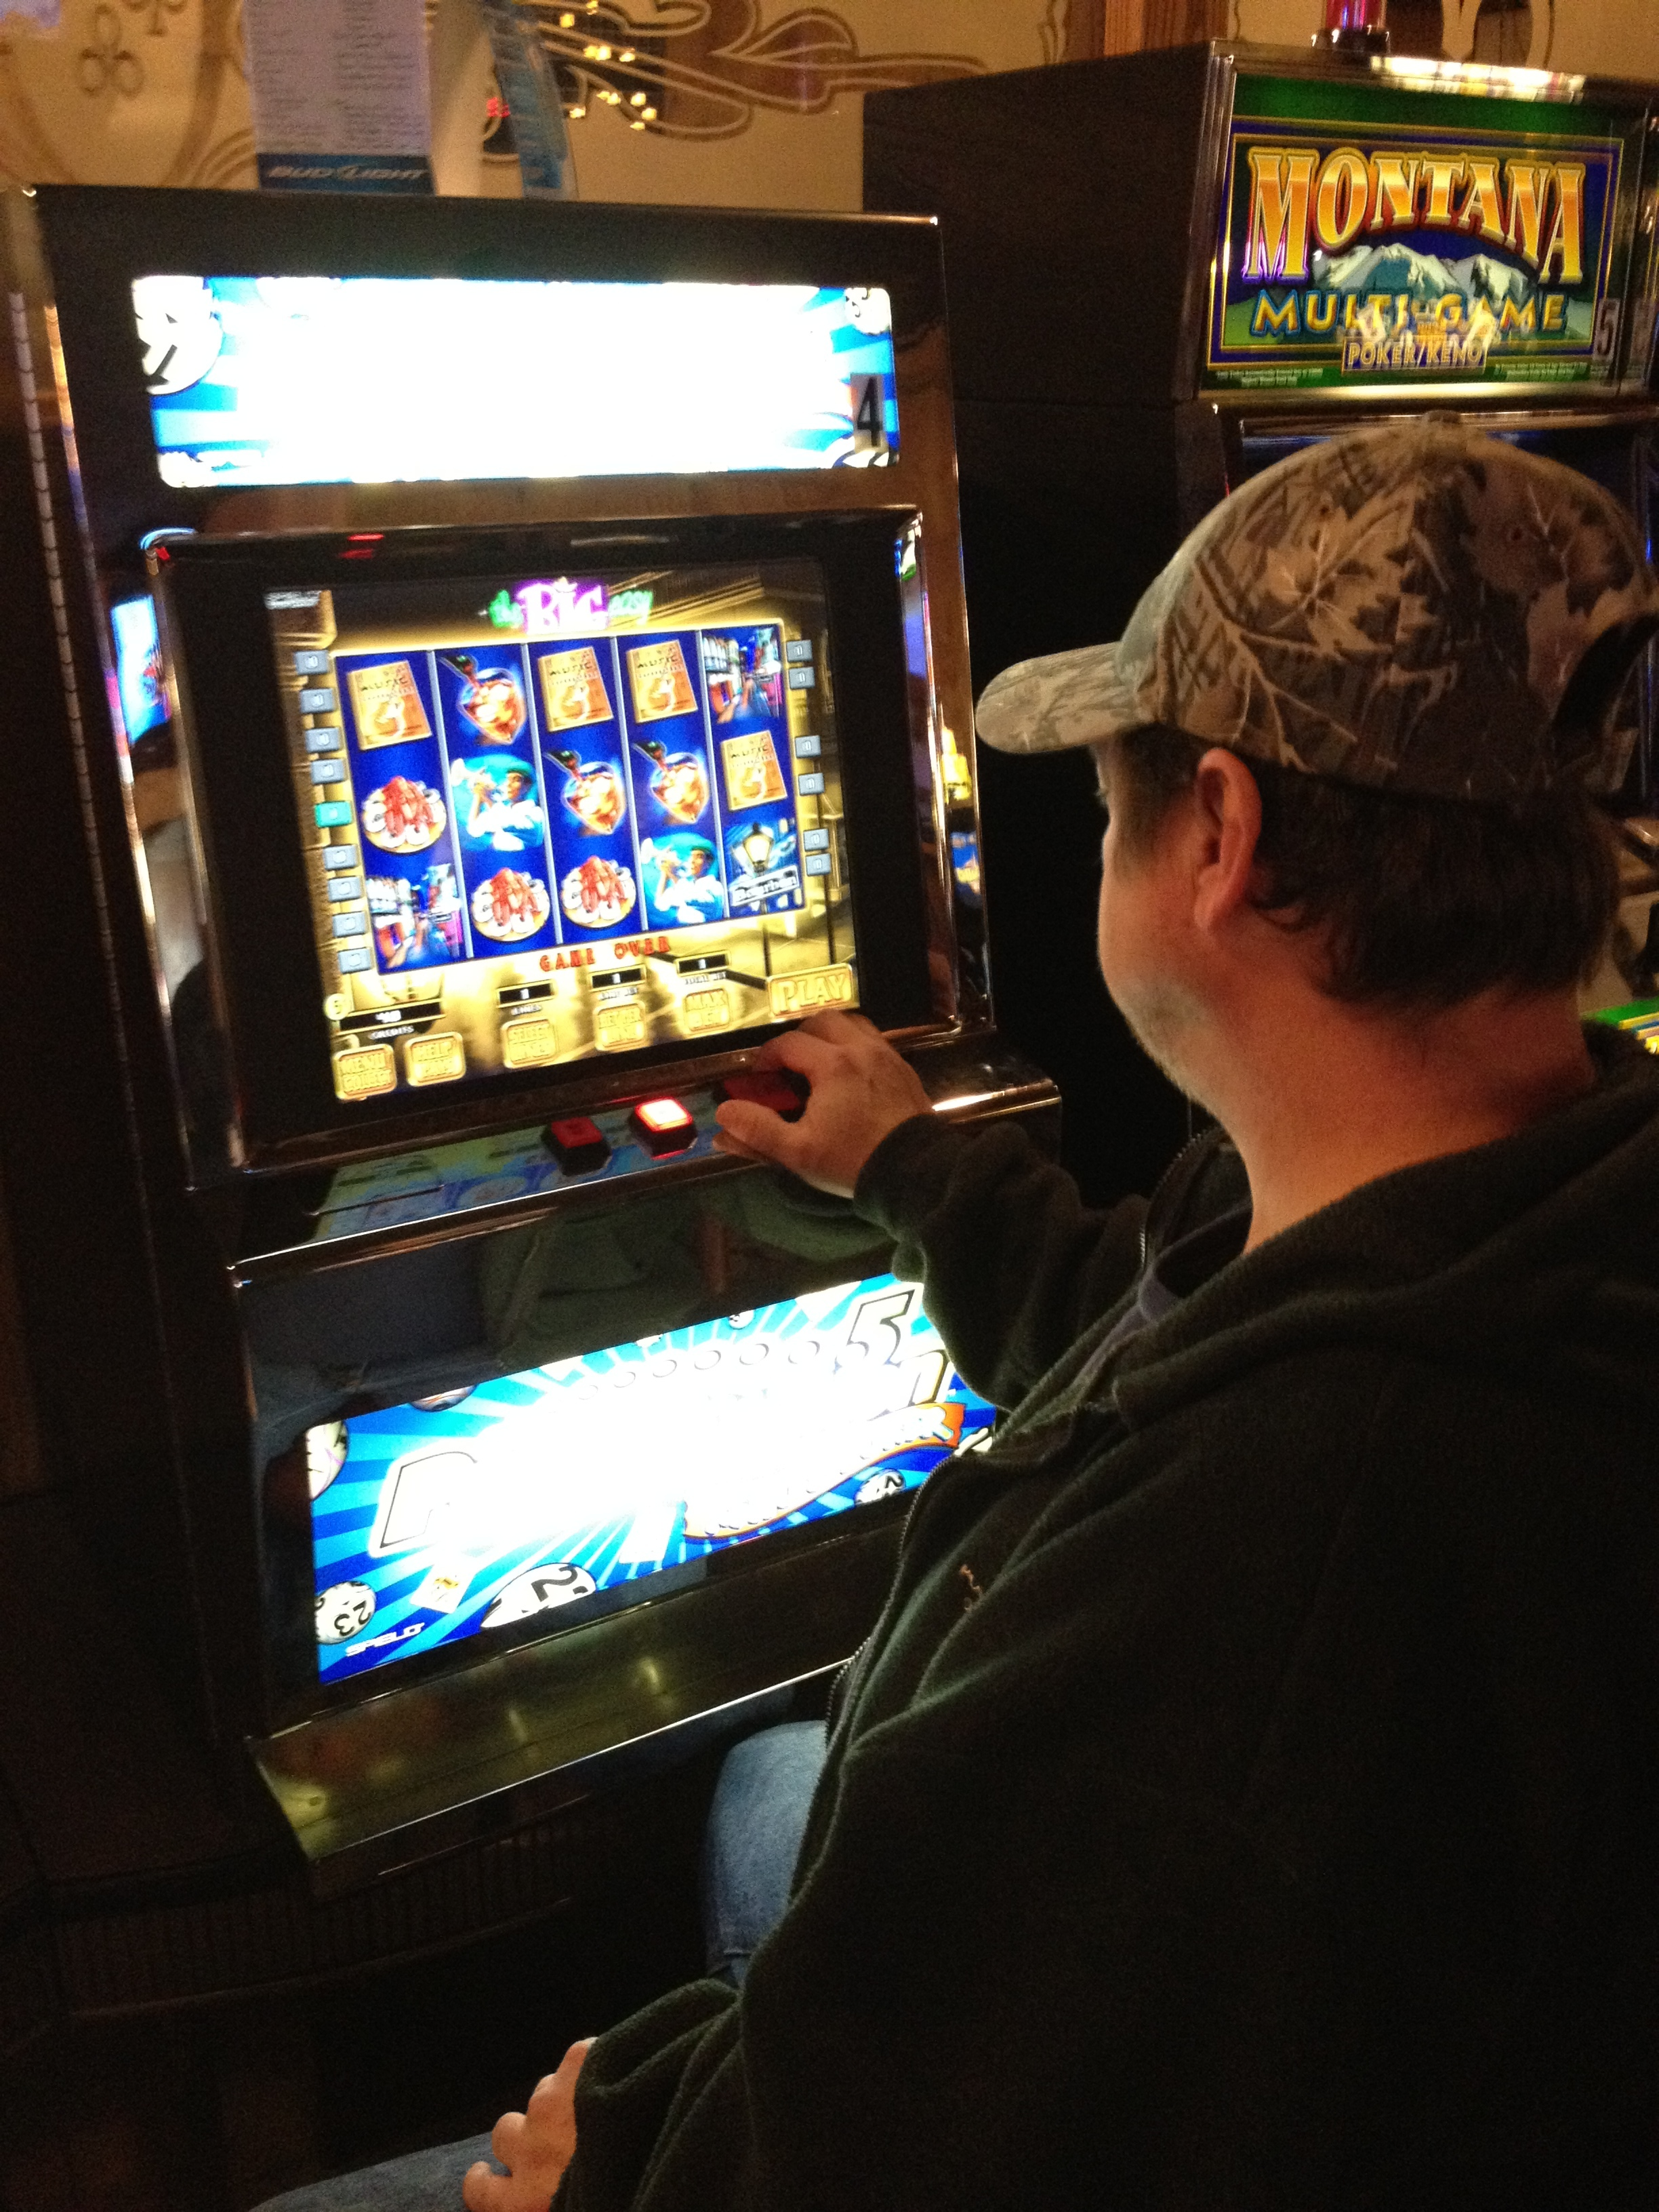 Keno gambling